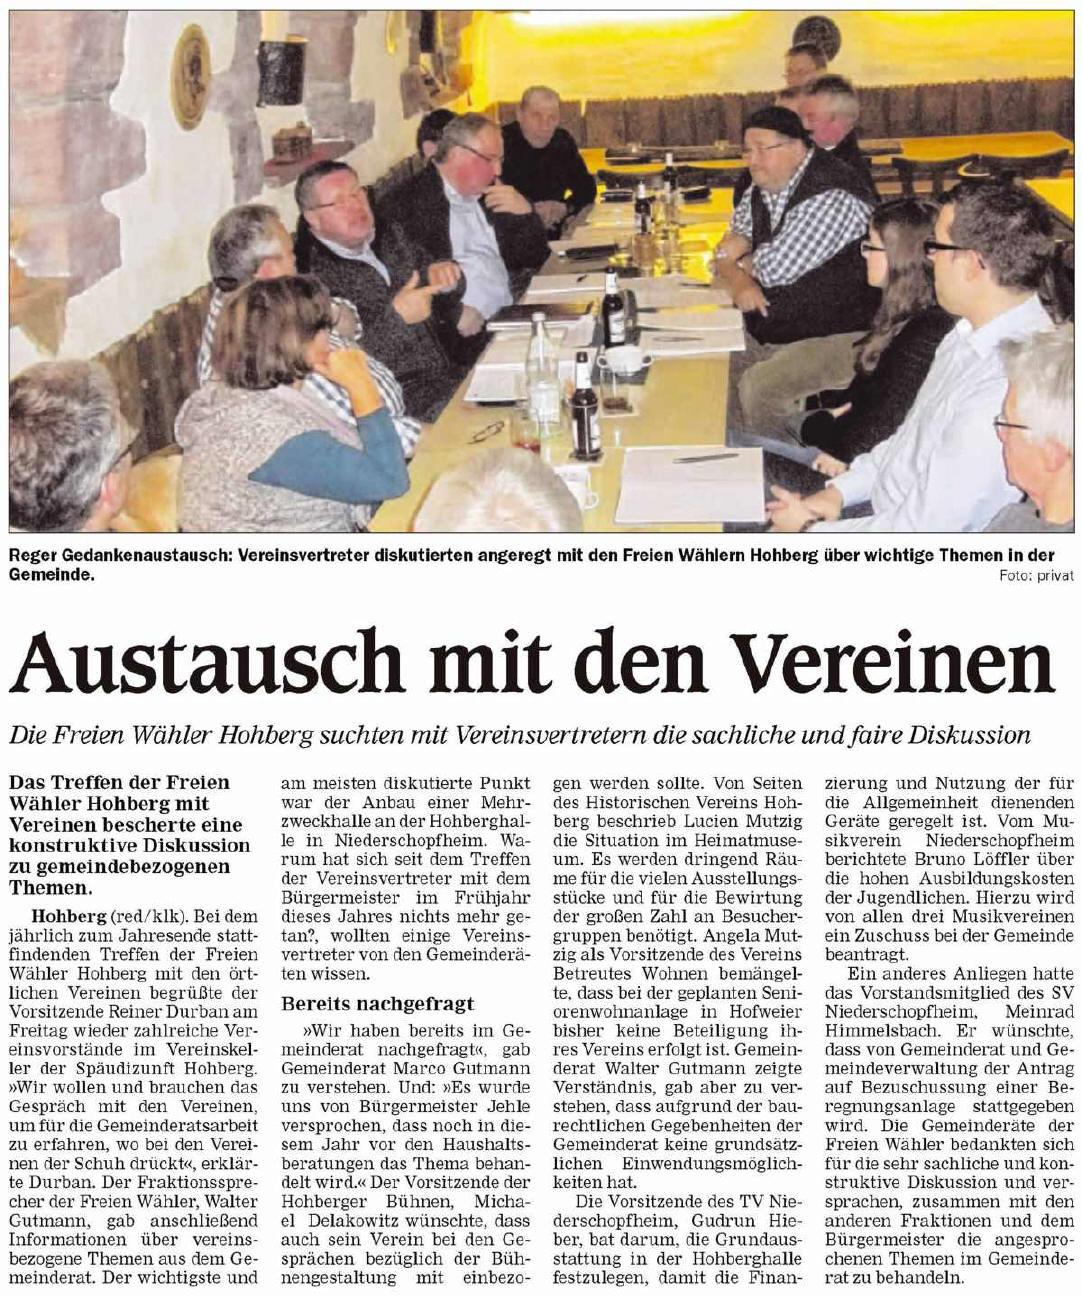 Offenburger_Tageblatt_27_11_2013jpg